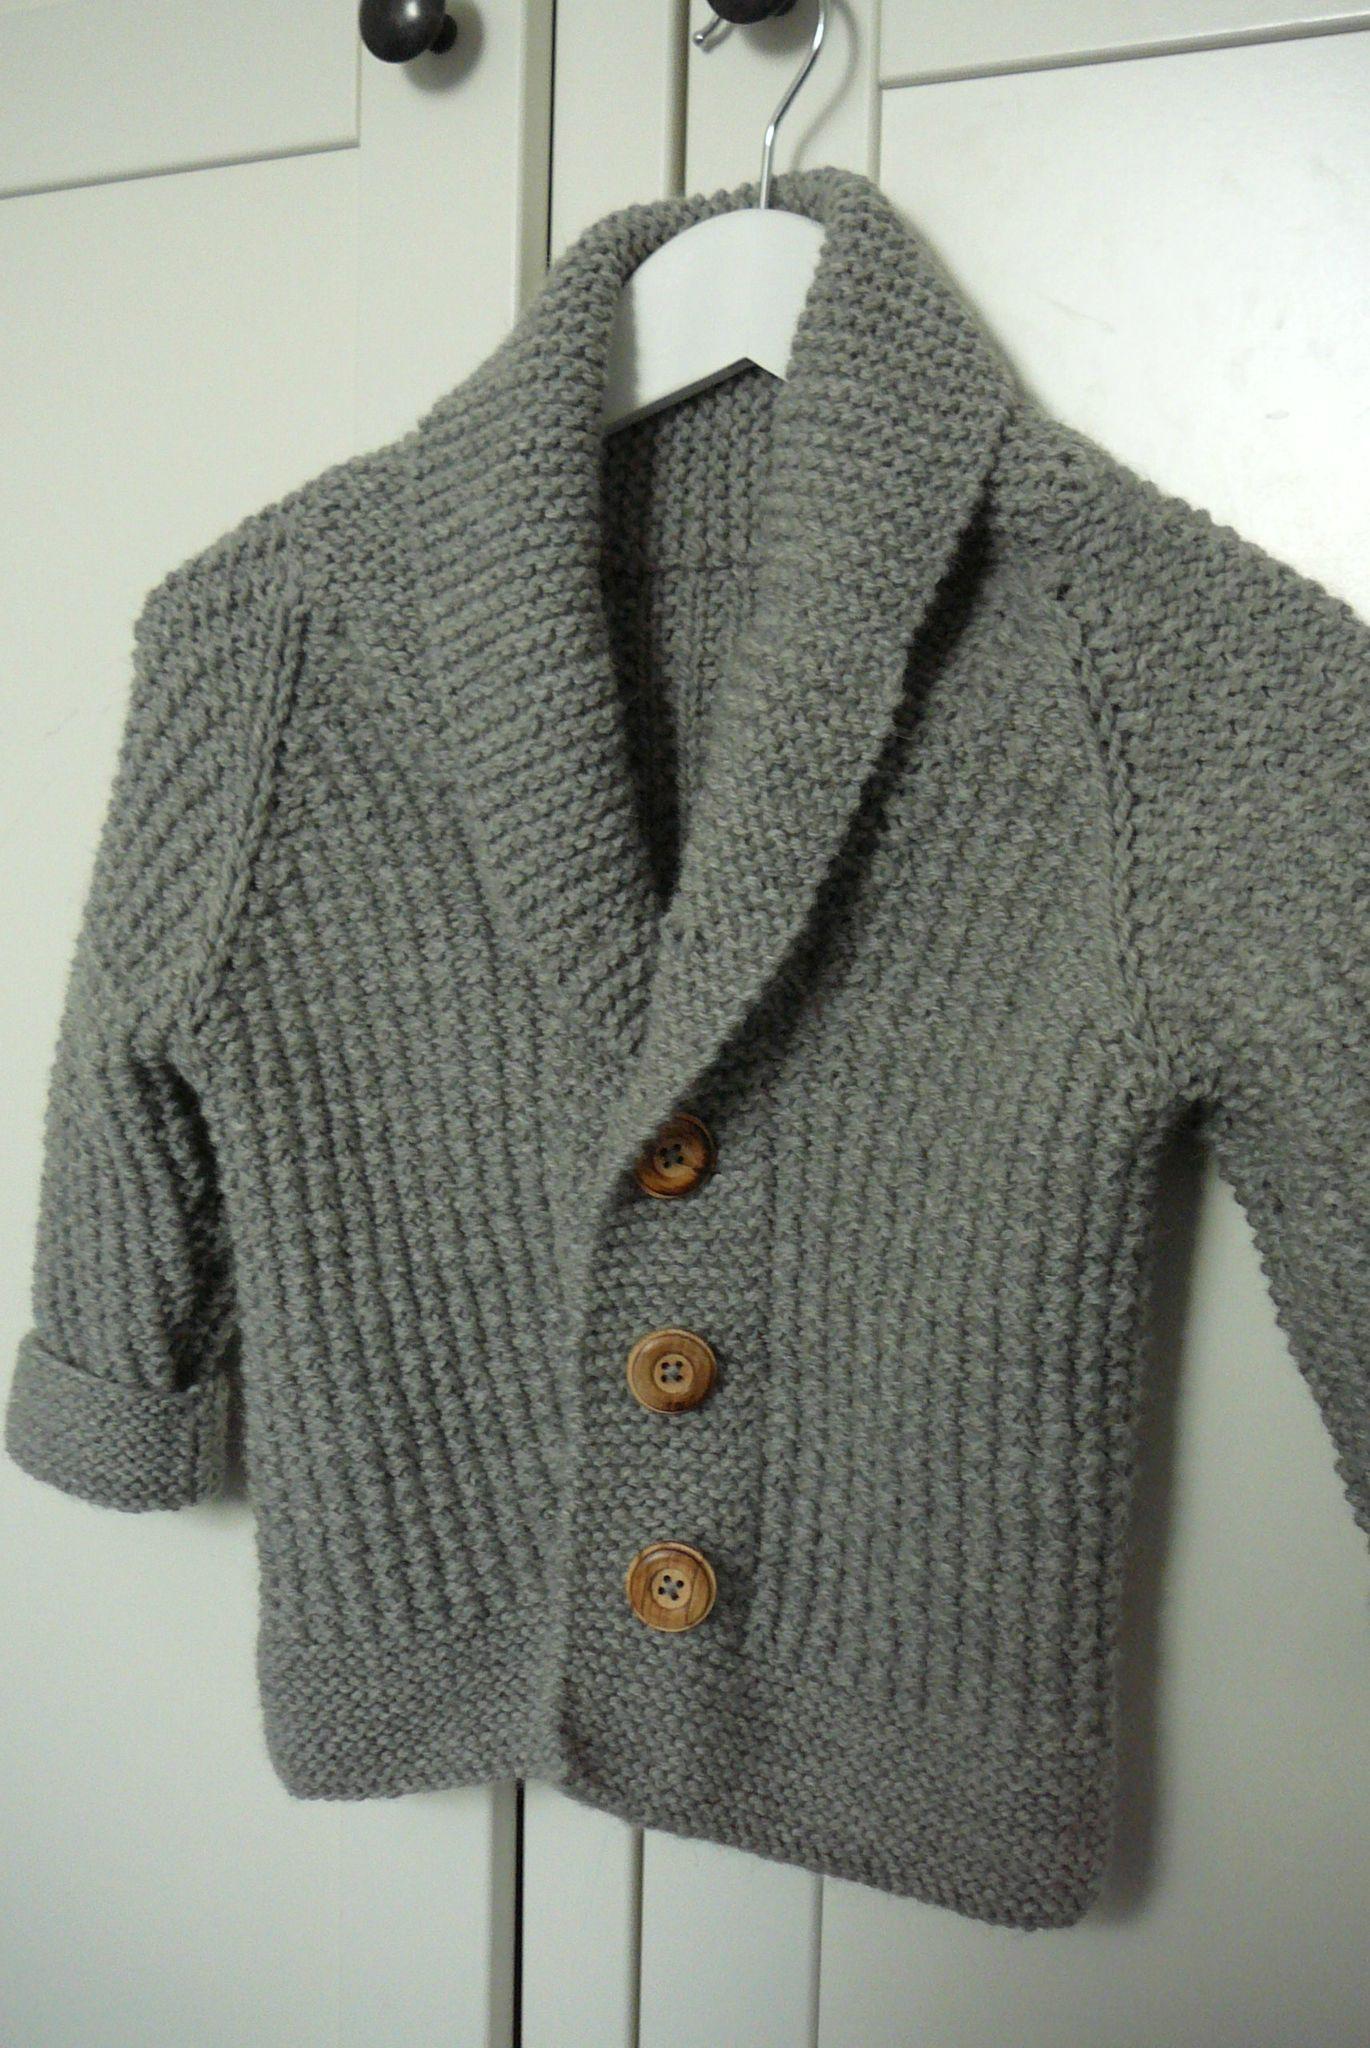 b91eb6071e5ac Modèle tricot brassière bébé garçon - Chapka